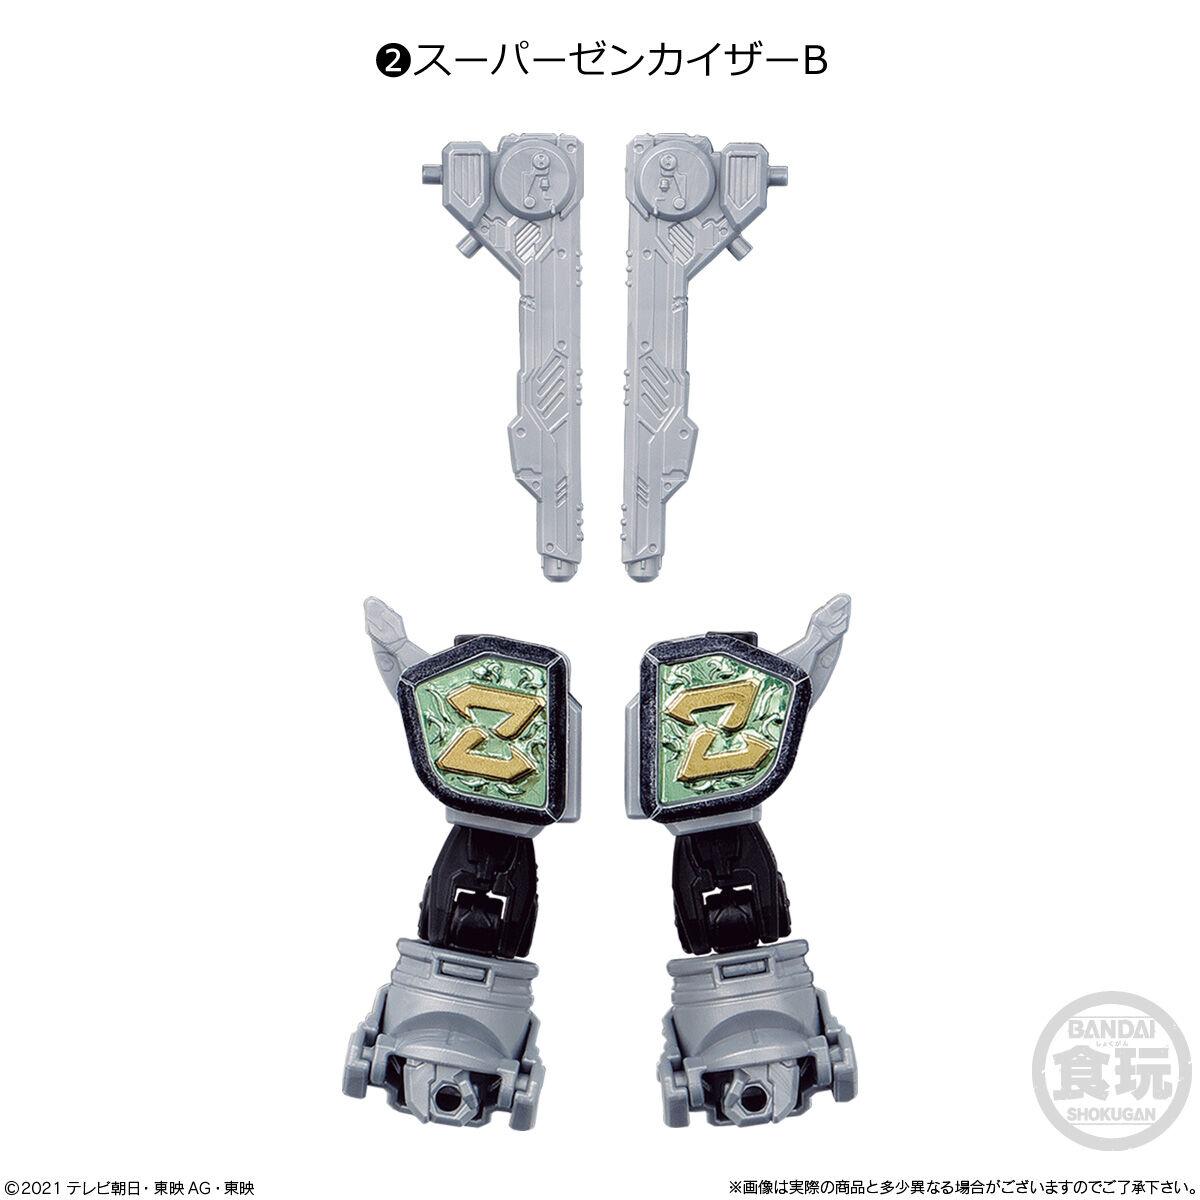 【食玩】ミニプラ 全界合体シリーズ04『ゼンカイジュウオー』機界戦隊ゼンカイジャー プラモデル 12個入りBOX-003